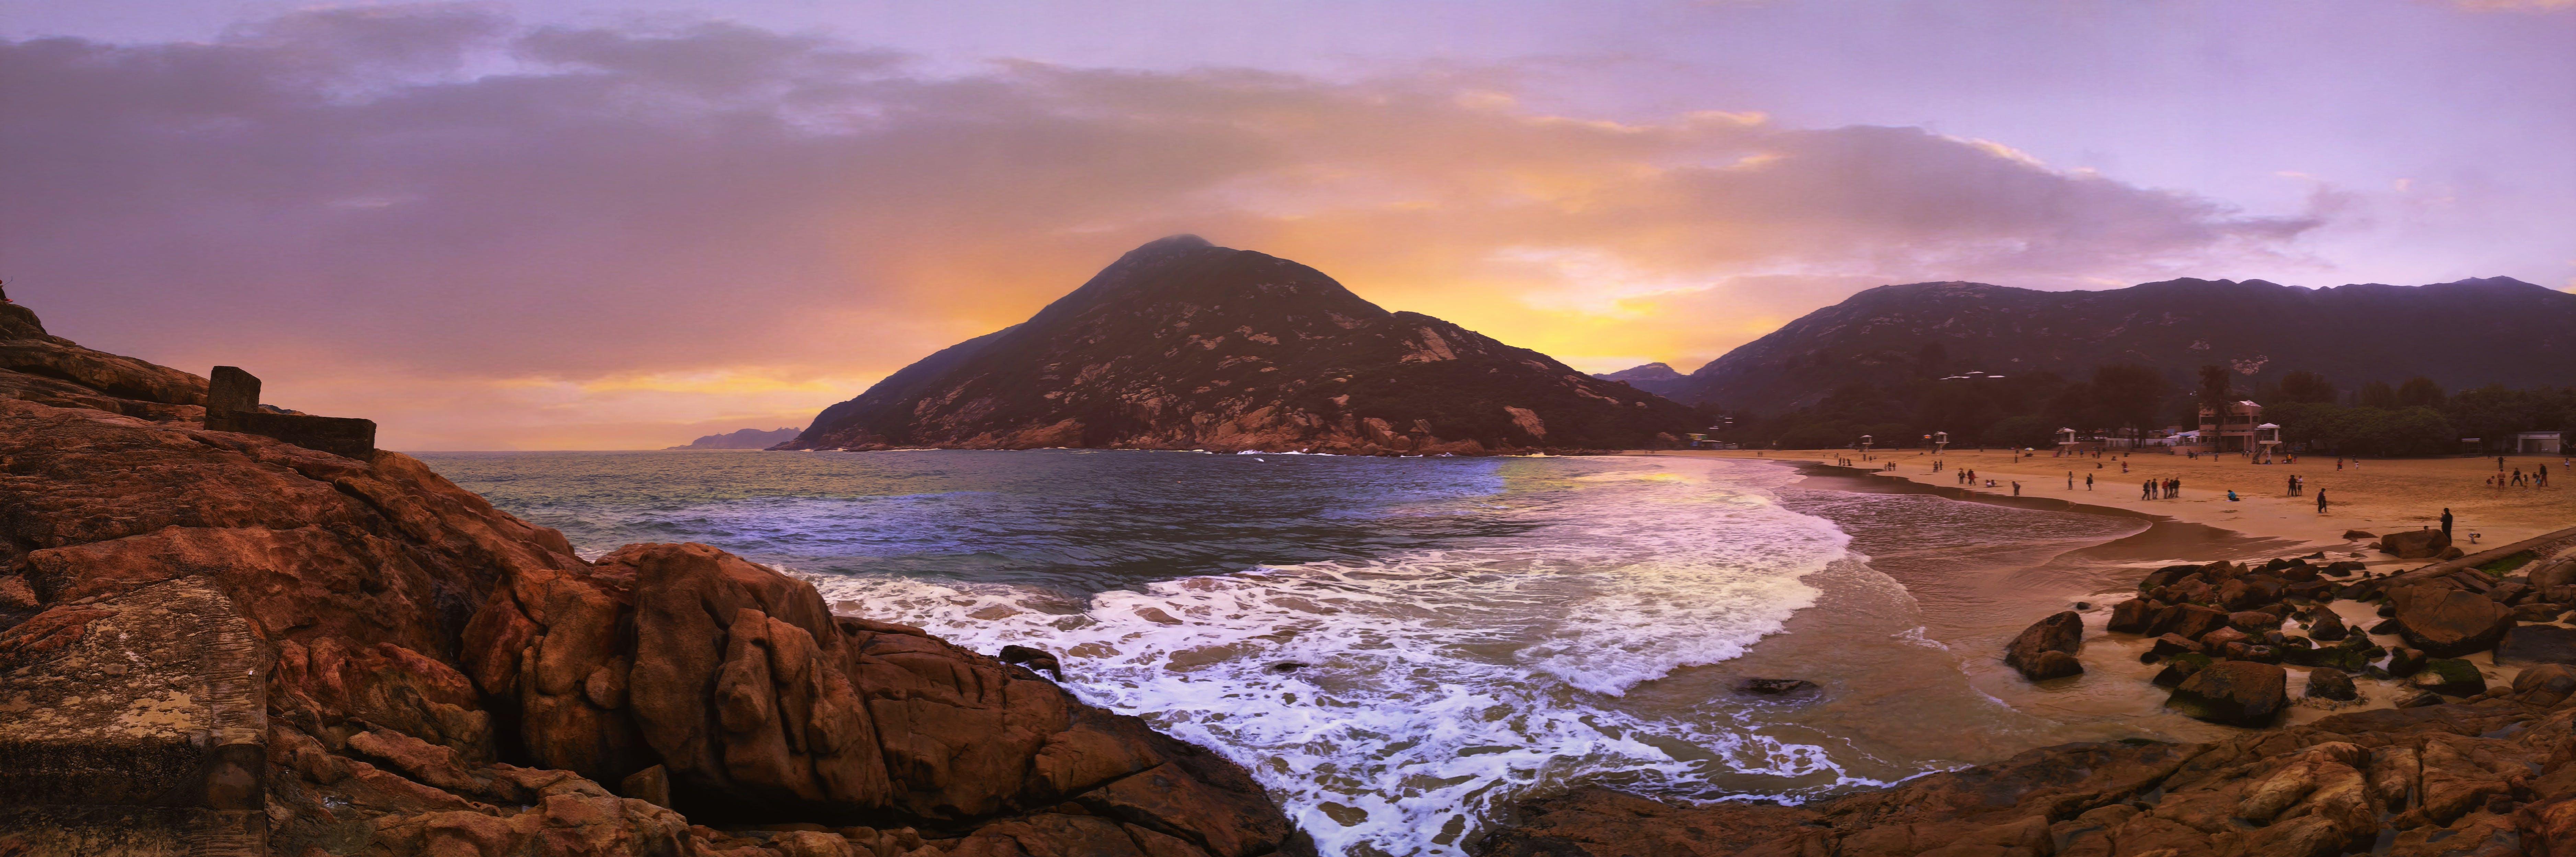 Gratis lagerfoto af aften, bjerge, bølger, dagslys